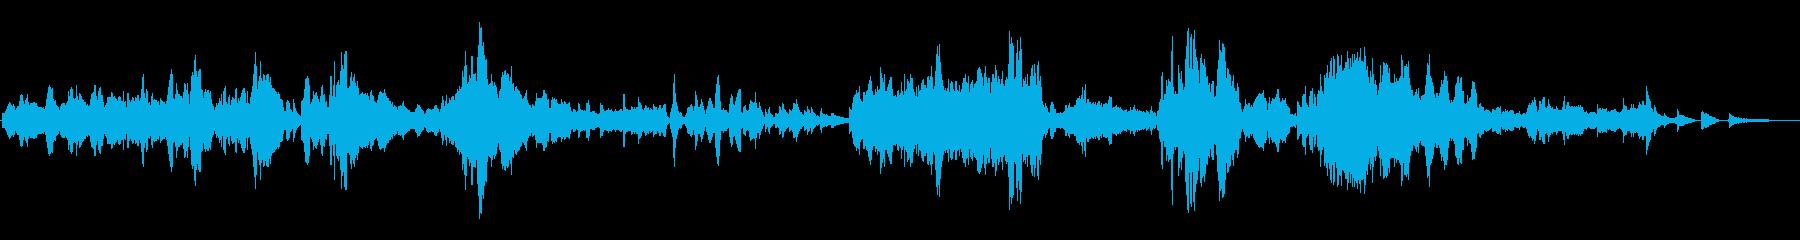 ブラームス/ヴァイオリン・ソナタ3-2の再生済みの波形